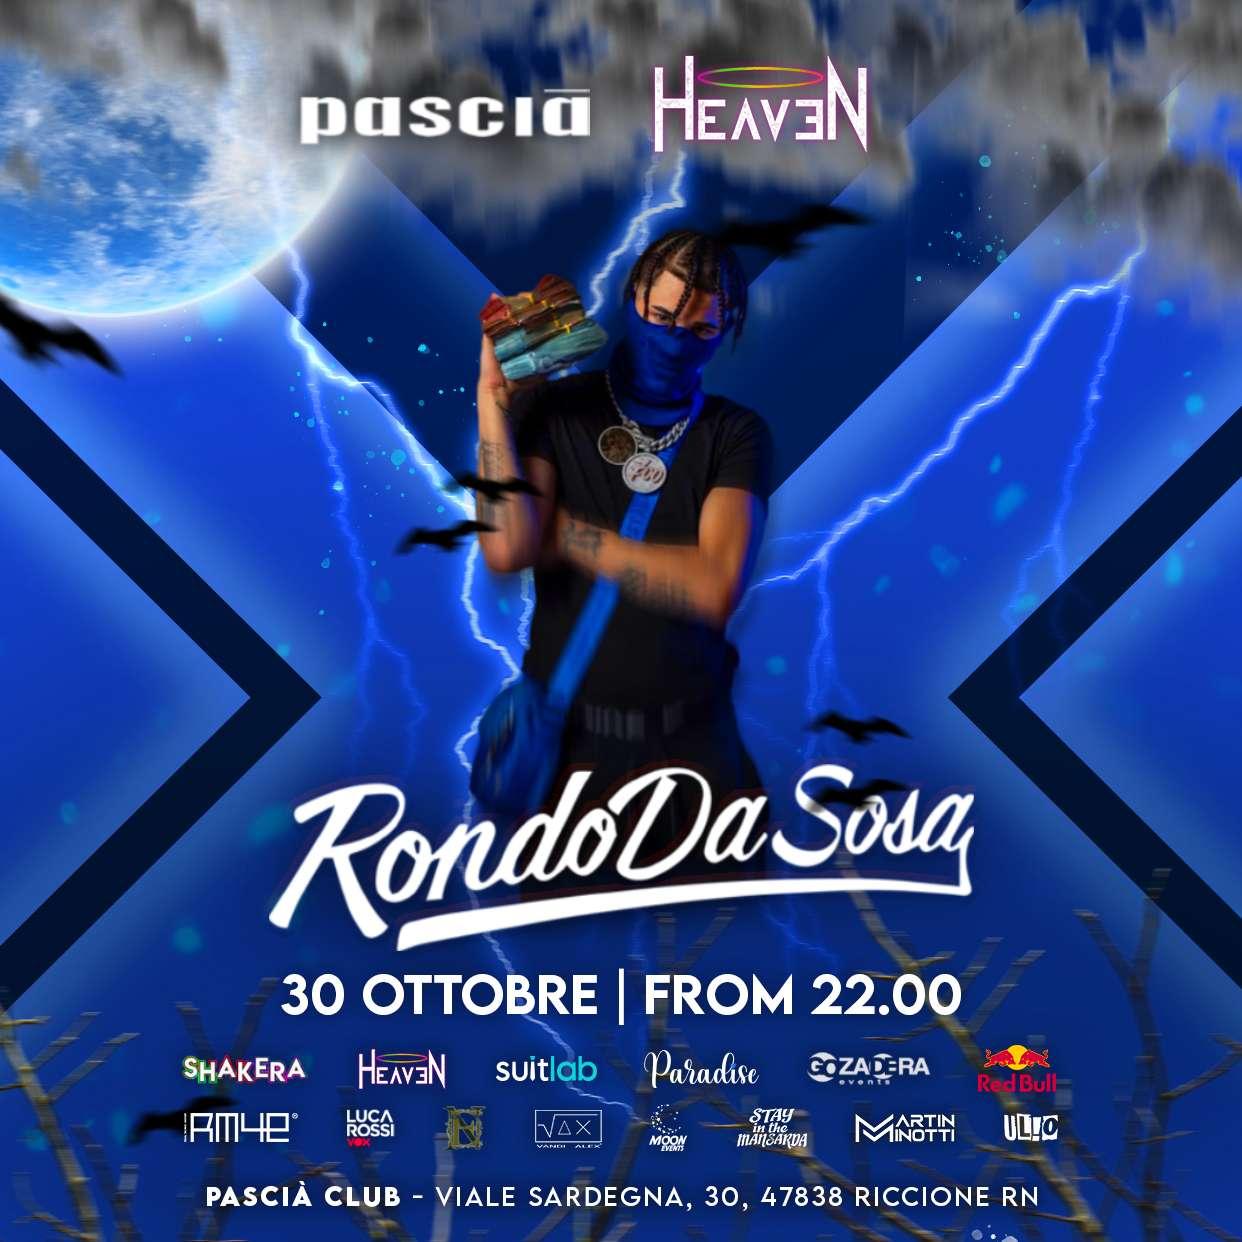 PASCIA RICCIONE HALLOWEEN NIGHT *RONDO DA SOSA* Pascia Club Riccione  / RN